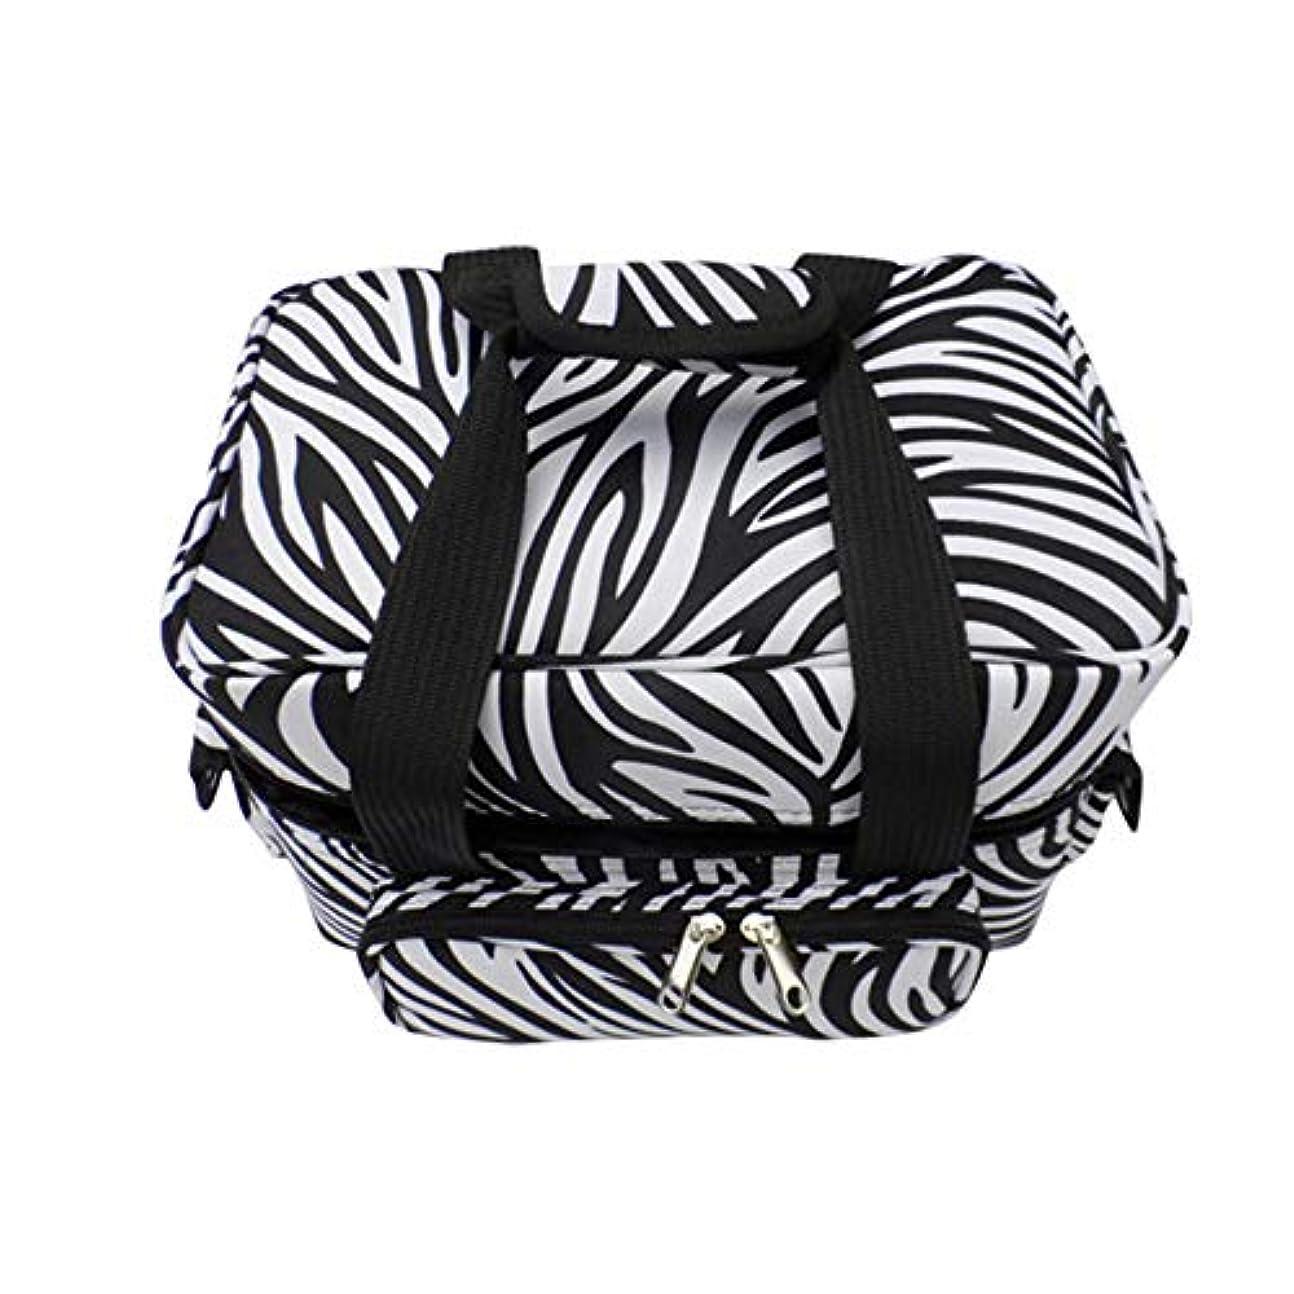 インポートダウンタウン色合い化粧オーガナイザーバッグ ゼブラストライプポータブル化粧品バッグ美容メイクアップと女の子女性旅行とジッパーとトレイで毎日のストレージ 化粧品ケース